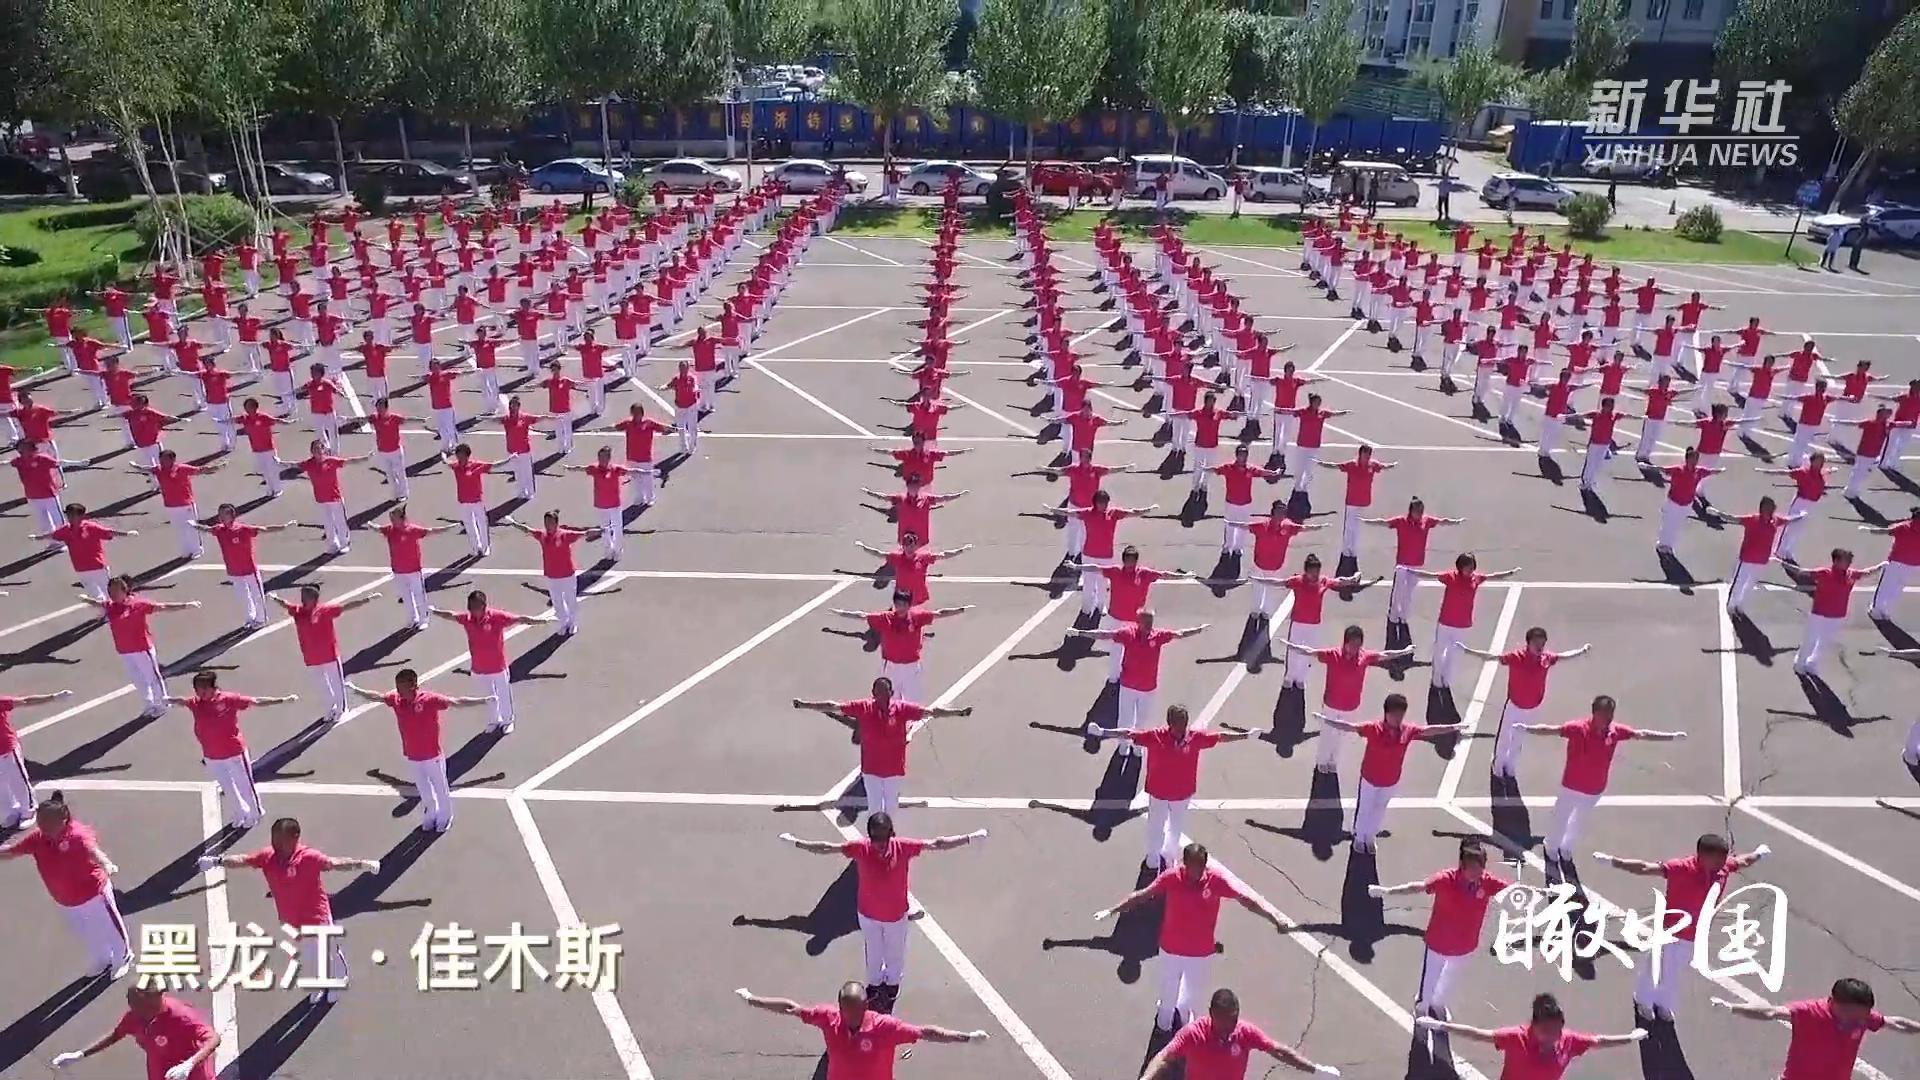 瞰中国·春意满中国 佳木斯快乐舞步